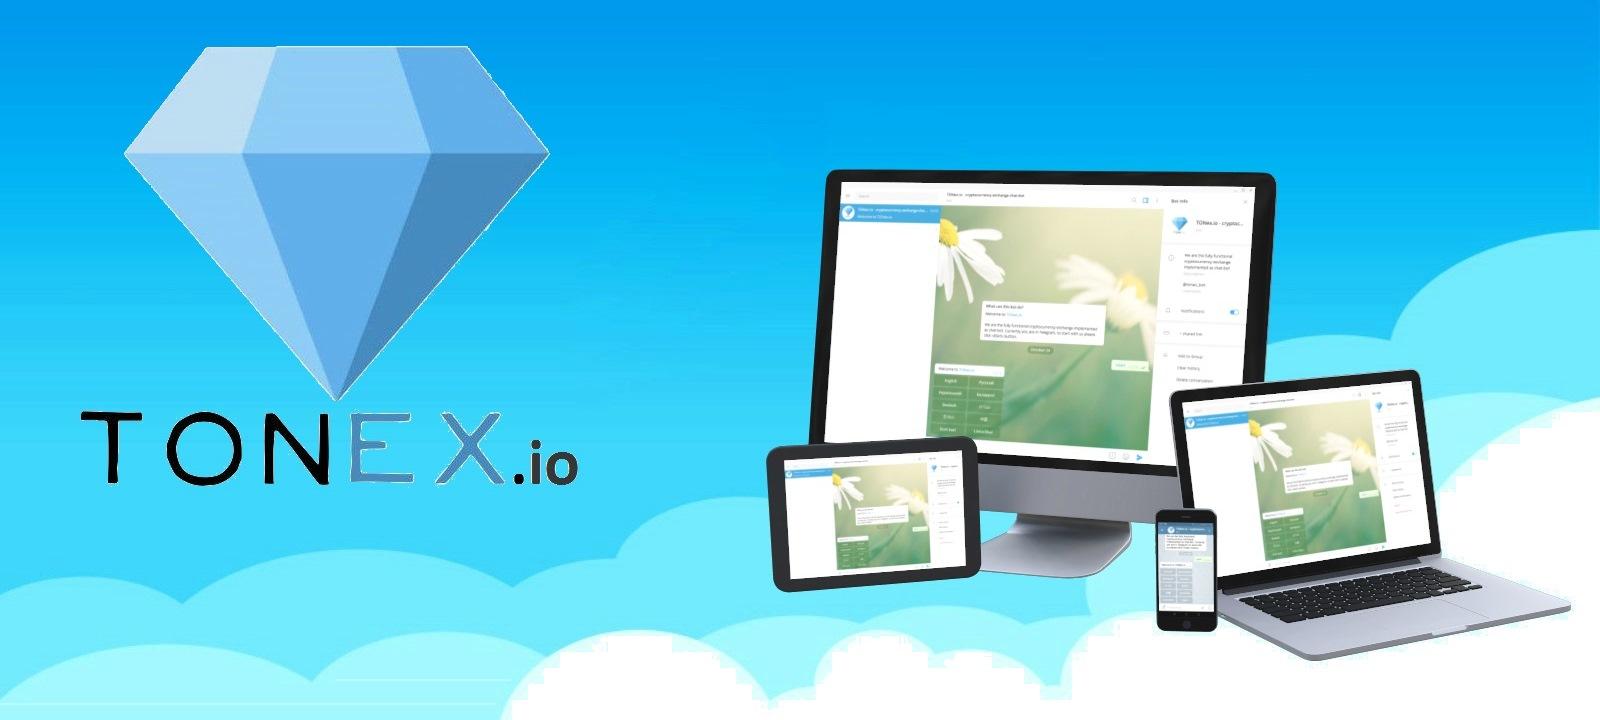 TONex.io – биржа криптовалют и ряда других цифровых финансовых продуктов, построенная на базе блокчейн-технологий и ориентированная на работу в экосистеме платформы Telegram Open Network, обрела частного инвестора и отказалась от основного раунда ICO.